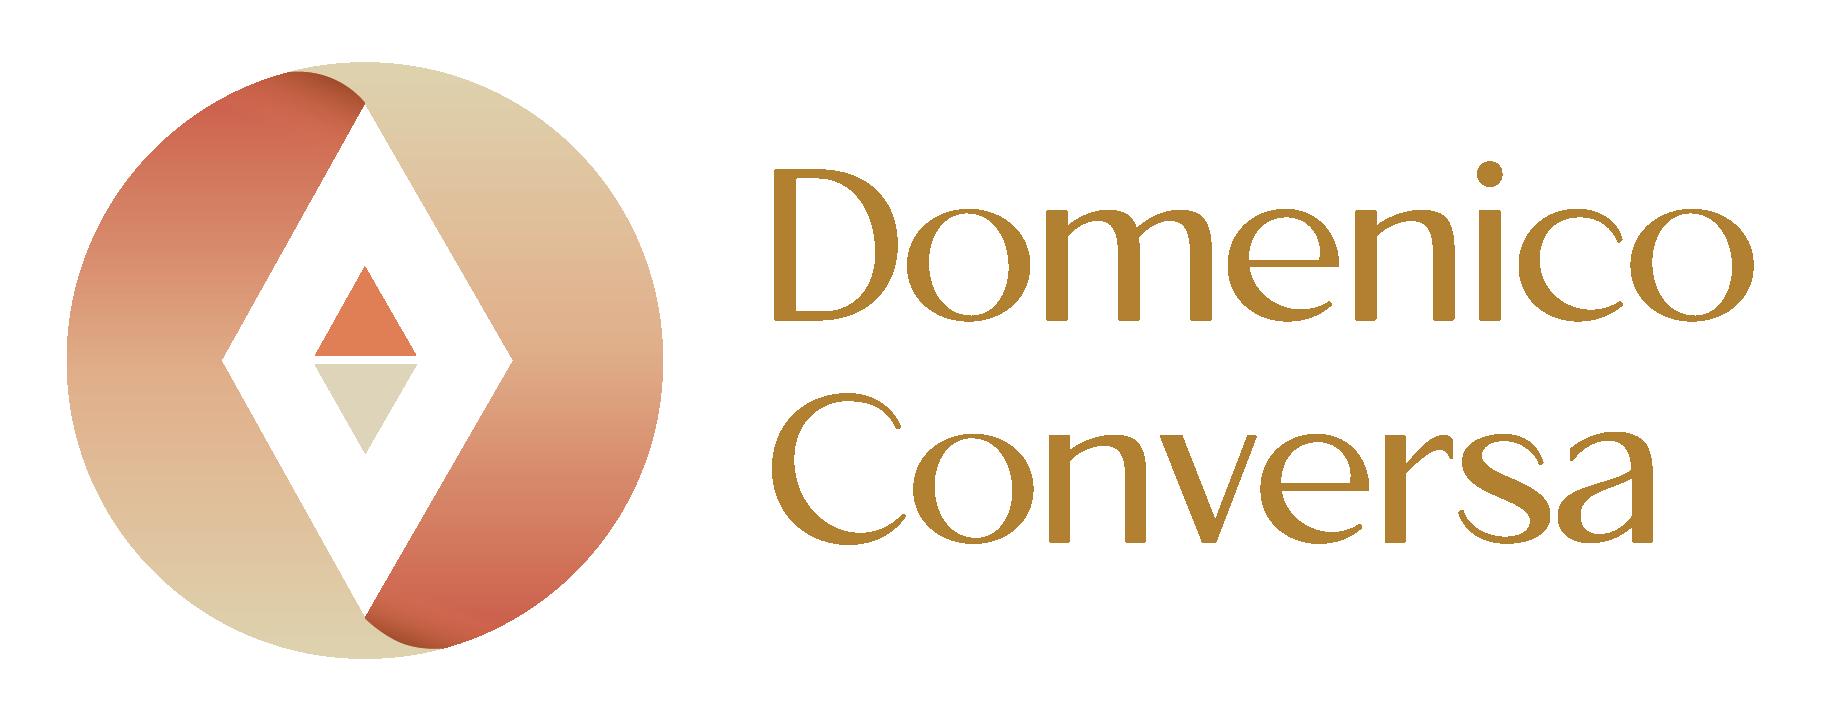 Domenico Conversa-Domenico Conversa